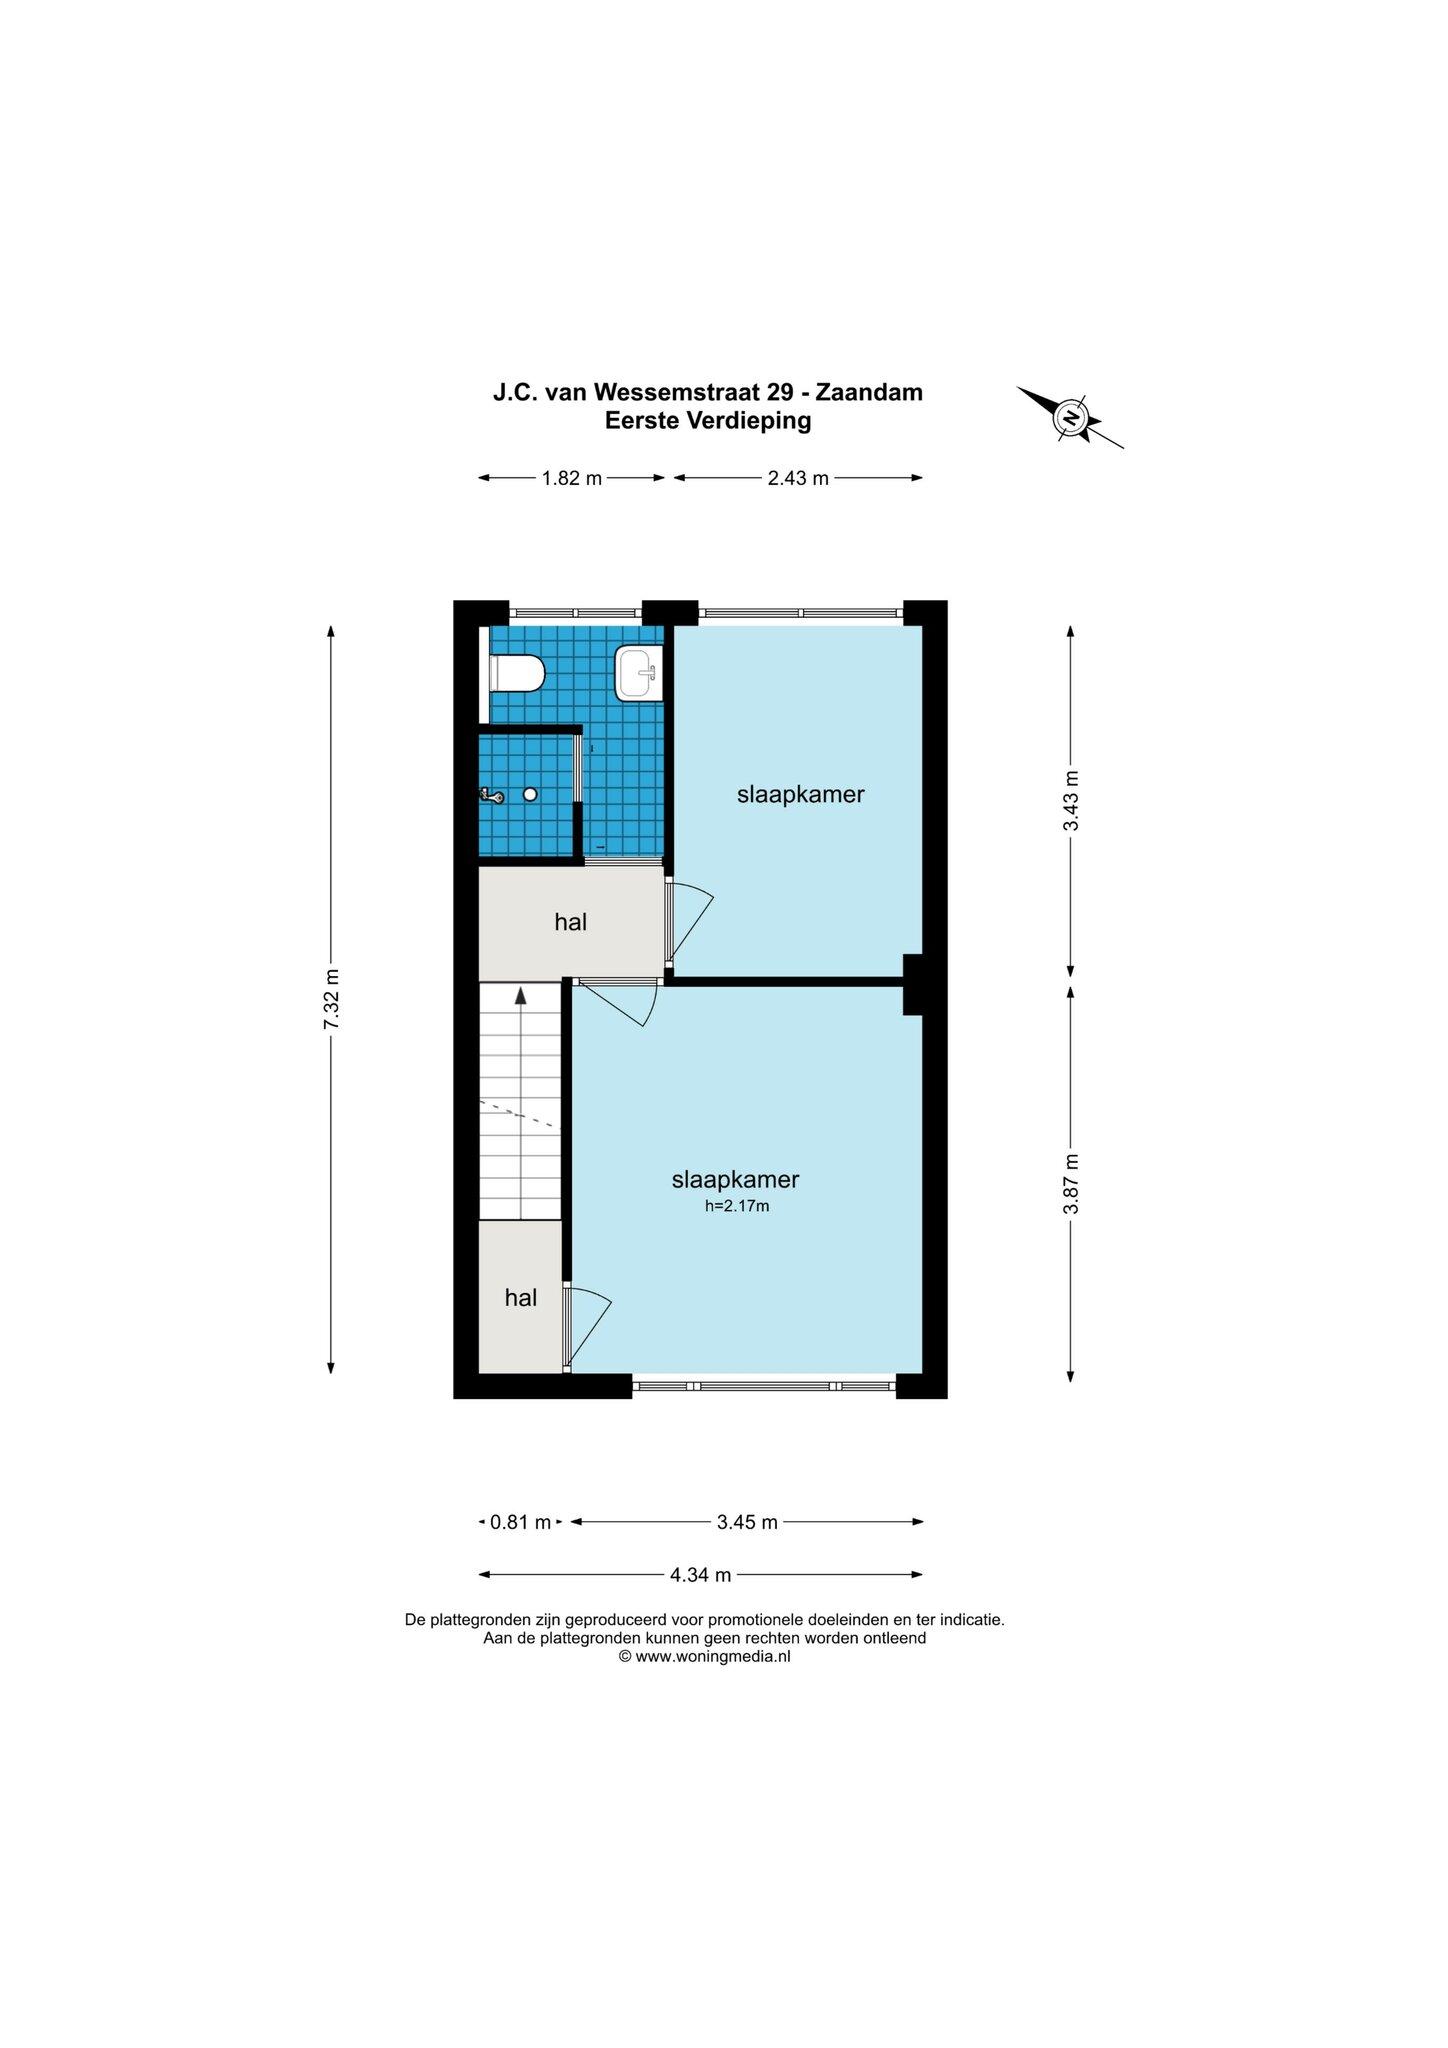 Zaandam – J.C. van Wessemstraat 29 – Plattegrond 2